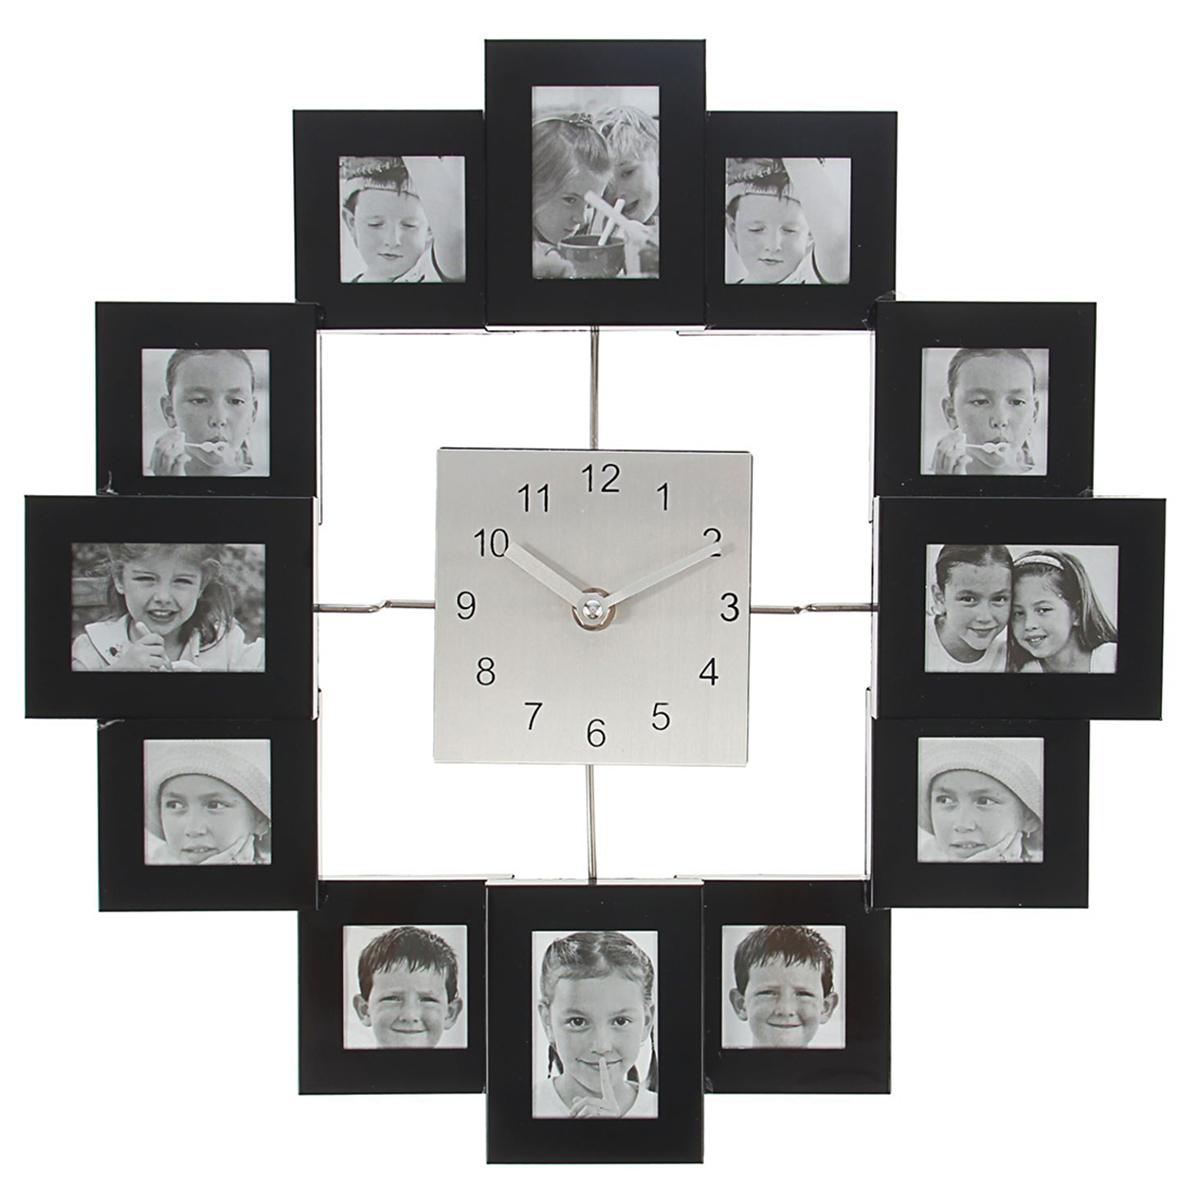 Часы настенные Хайтек, 12 фоторамок, 4х4, 4х6, диаметр 35 см1550650Каждому хозяину периодически приходит мысль обновить свою квартиру, сделать ремонт, перестановку или кардинально поменять внешний вид каждой комнаты. Часы настенные Хайтек. Стиль, d=35 см, черно-белые + 12 фоторамок: 8 шт. 4 ? 4 и 4 шт.4 ? 6 см — привлекательная деталь, которая поможет воплотить вашу интерьерную идею, создать неповторимую атмосферу в вашем доме. Окружите себя приятными мелочами, пусть они радуют глаз и дарят гармонию. Хотите создать свое небольшое генеалогическое древо, но не знаете как? Начните с такой прекрасной фоторамки в виде коллажа! Она не только украсит ваш интерьер, объединит дорогие сердцу события в одну замечательную композицию, но и заложит фундамент для создания семейного дерева. Такая необычная фоторамка станет чудесным подарком по случаю праздника.Часы настенные хайтек+12 фоторамок квадраты с черным (фото 4х4-8шт 4х6-4шт) d=35см 1550650